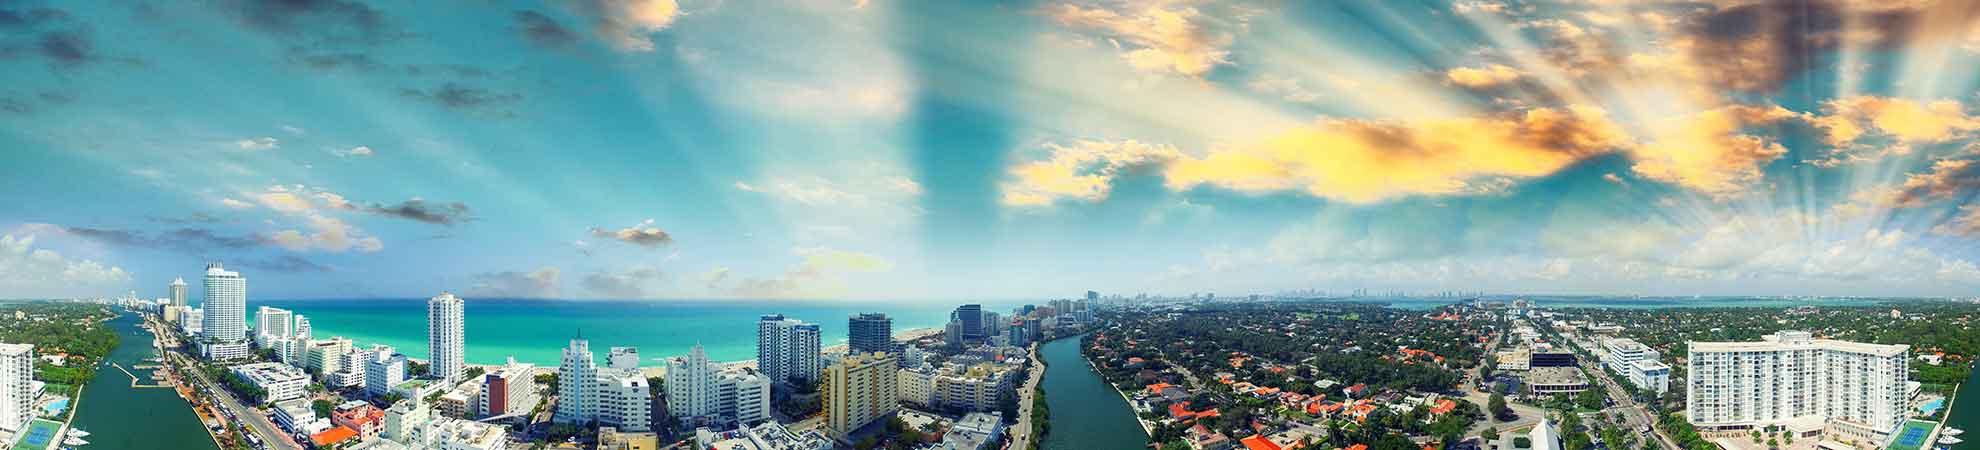 Voyage New York - Miami